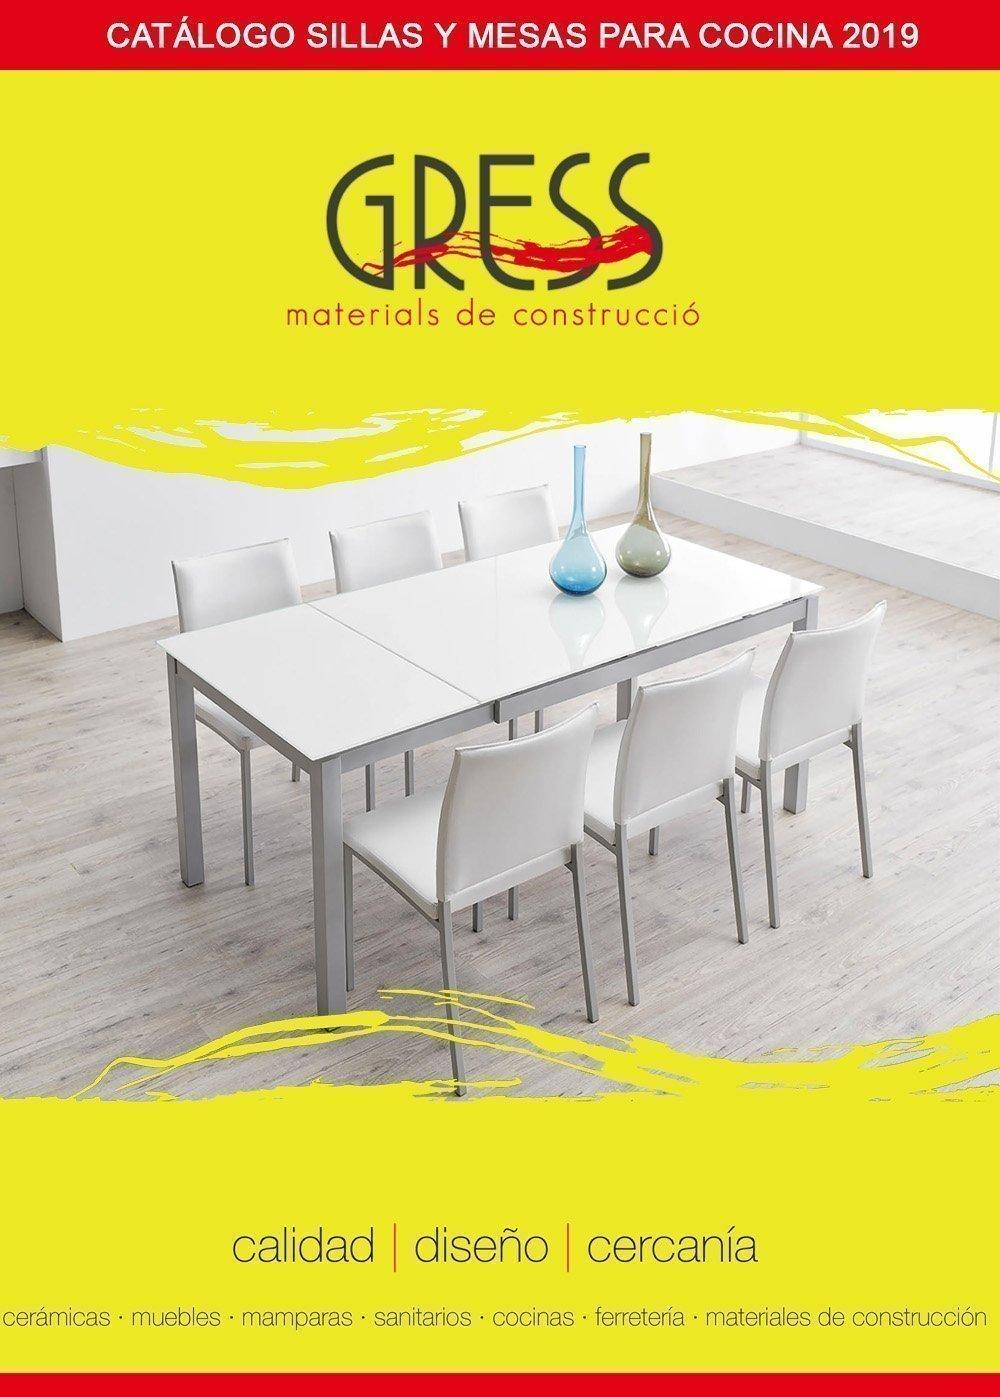 Catálogo Sillas y Mesas GRESS